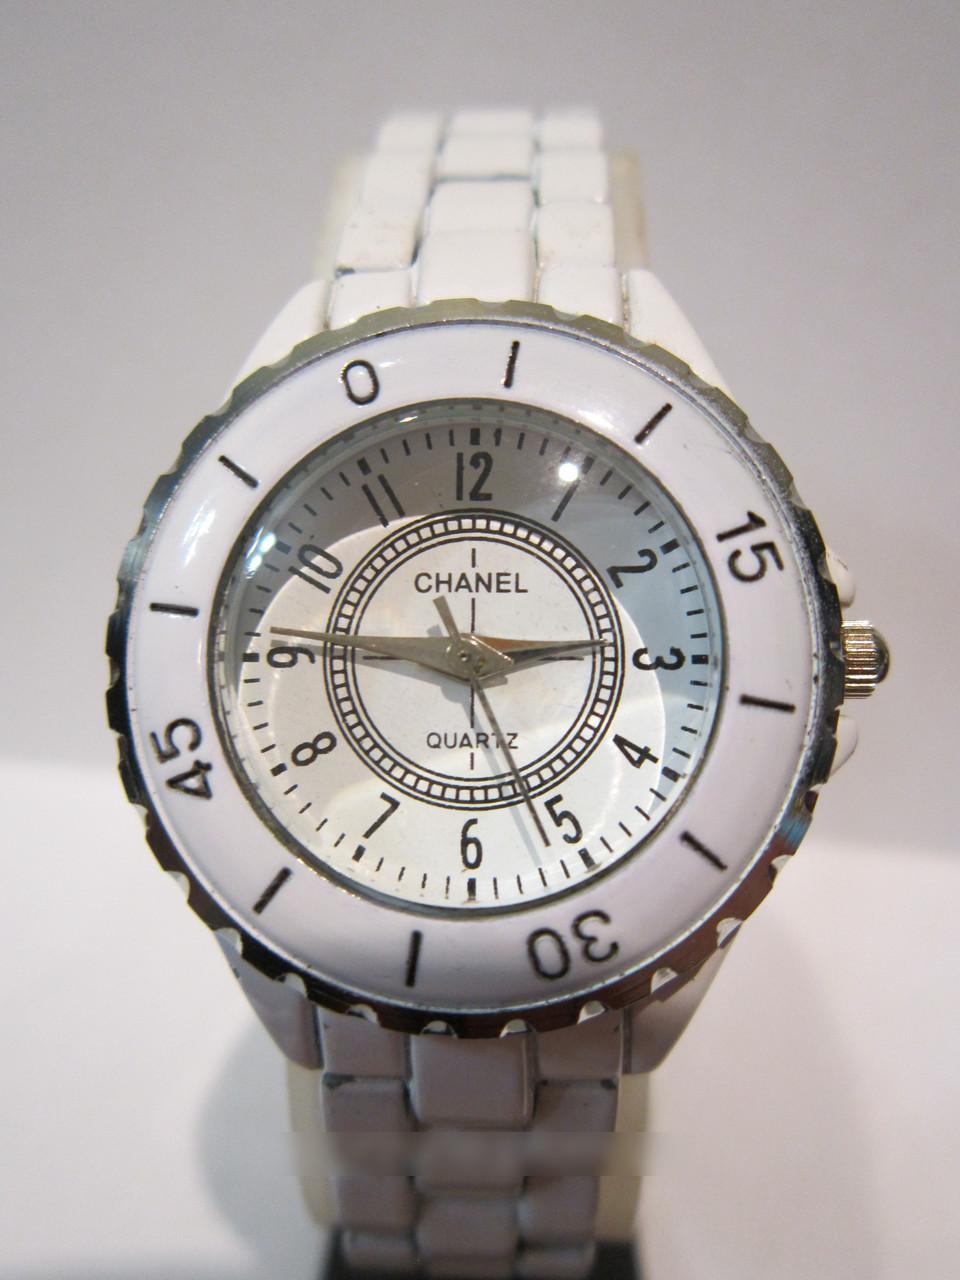 Женские наручные часы CHANEL, часы женские каталог купить киев